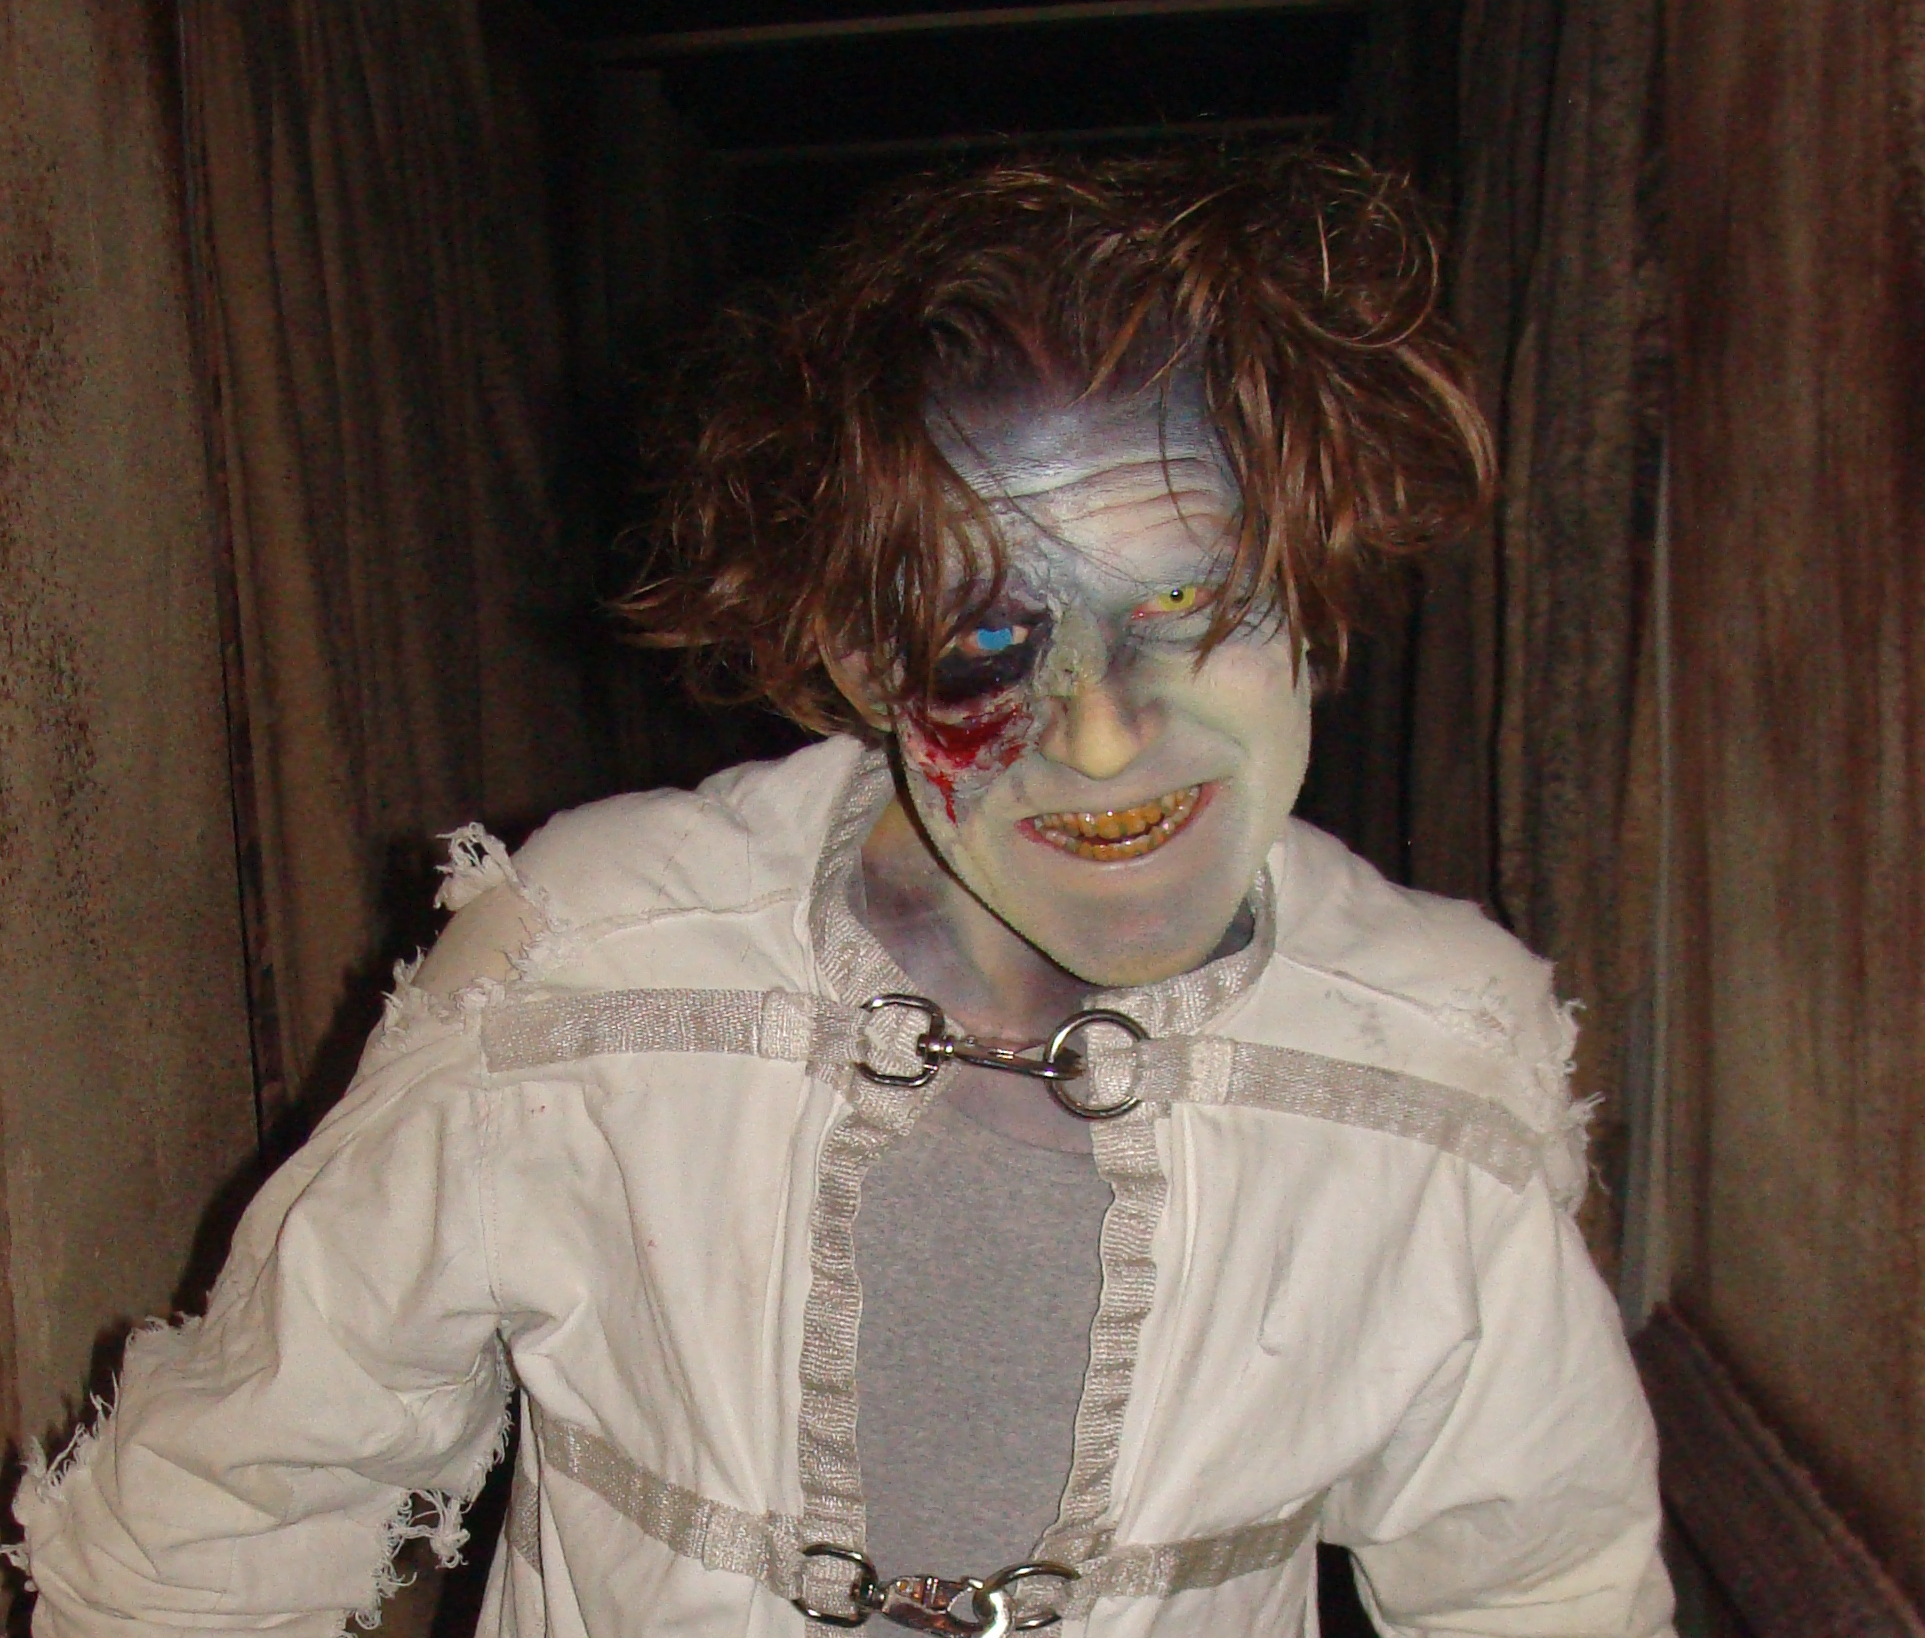 Photo: haunted house actor Jesse Buchholz